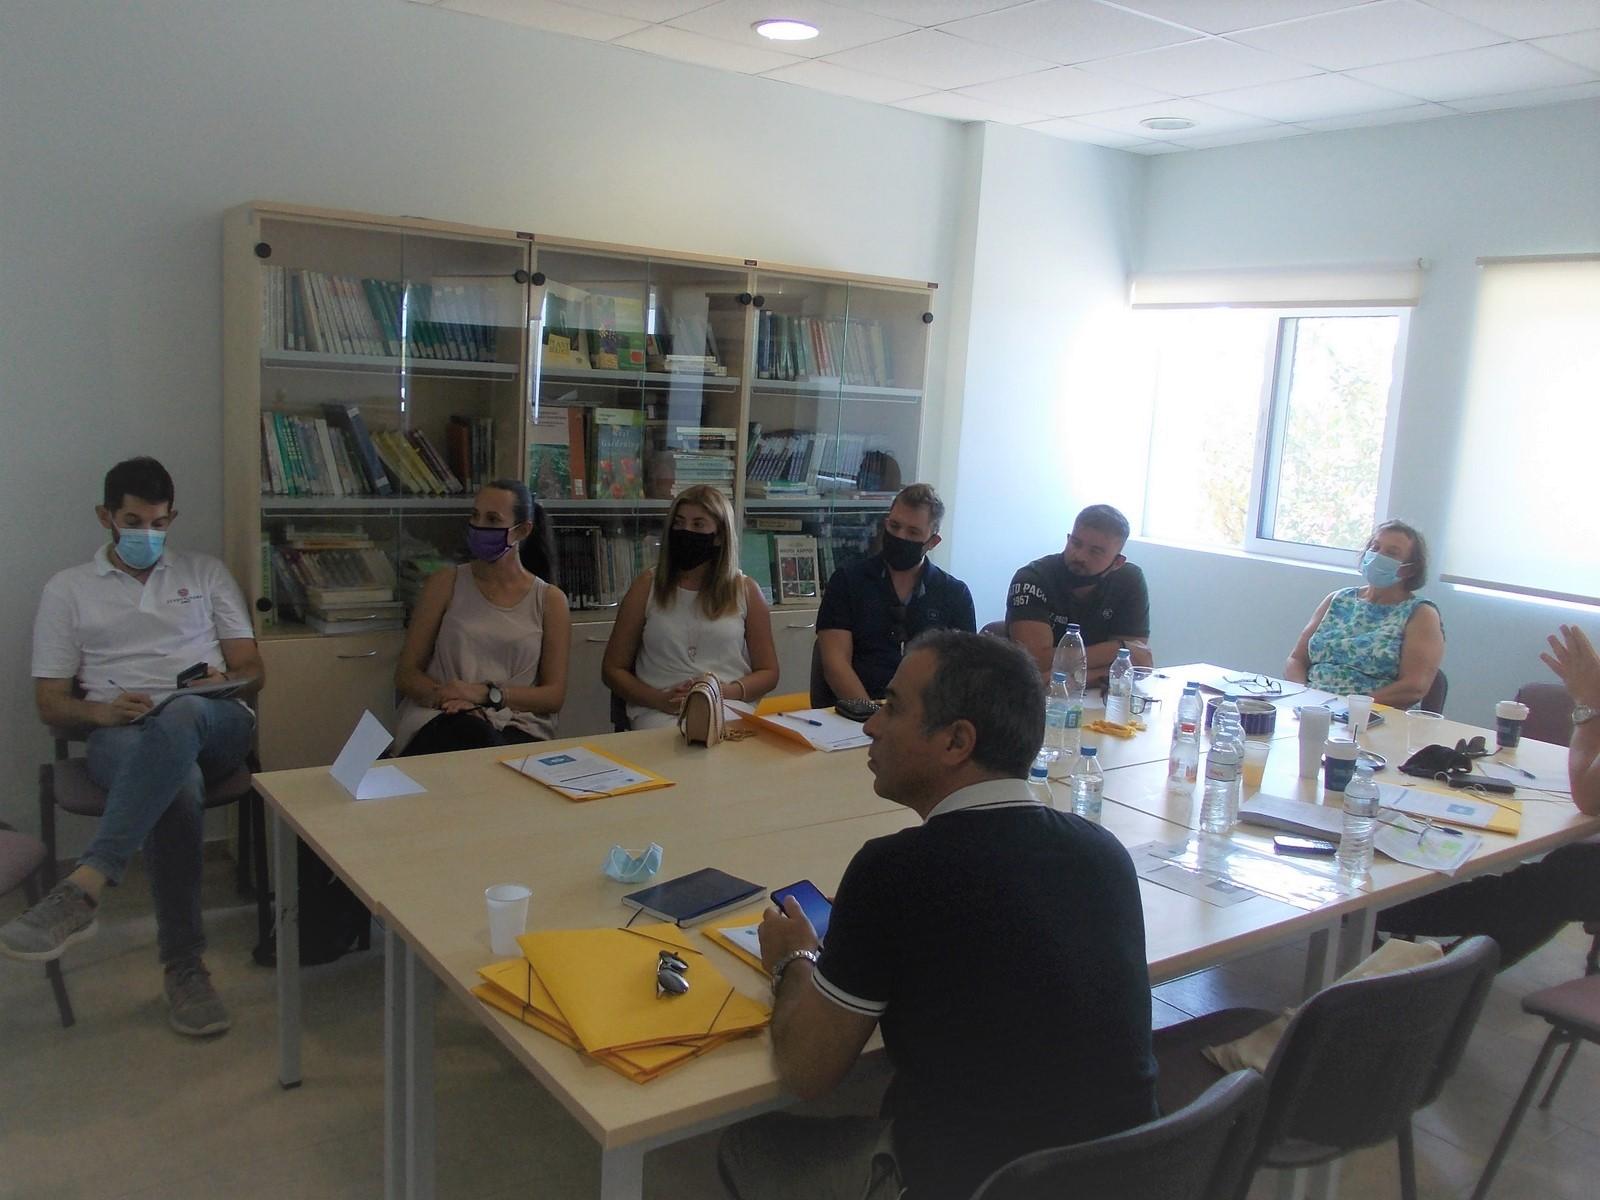 ΠΔΕ: Έρευνα και καινοτομία στις αγροτικές περιοχές της Βαλκανικής – Ολοκληρώθηκαν οι δράσεις του έργου BALKANET